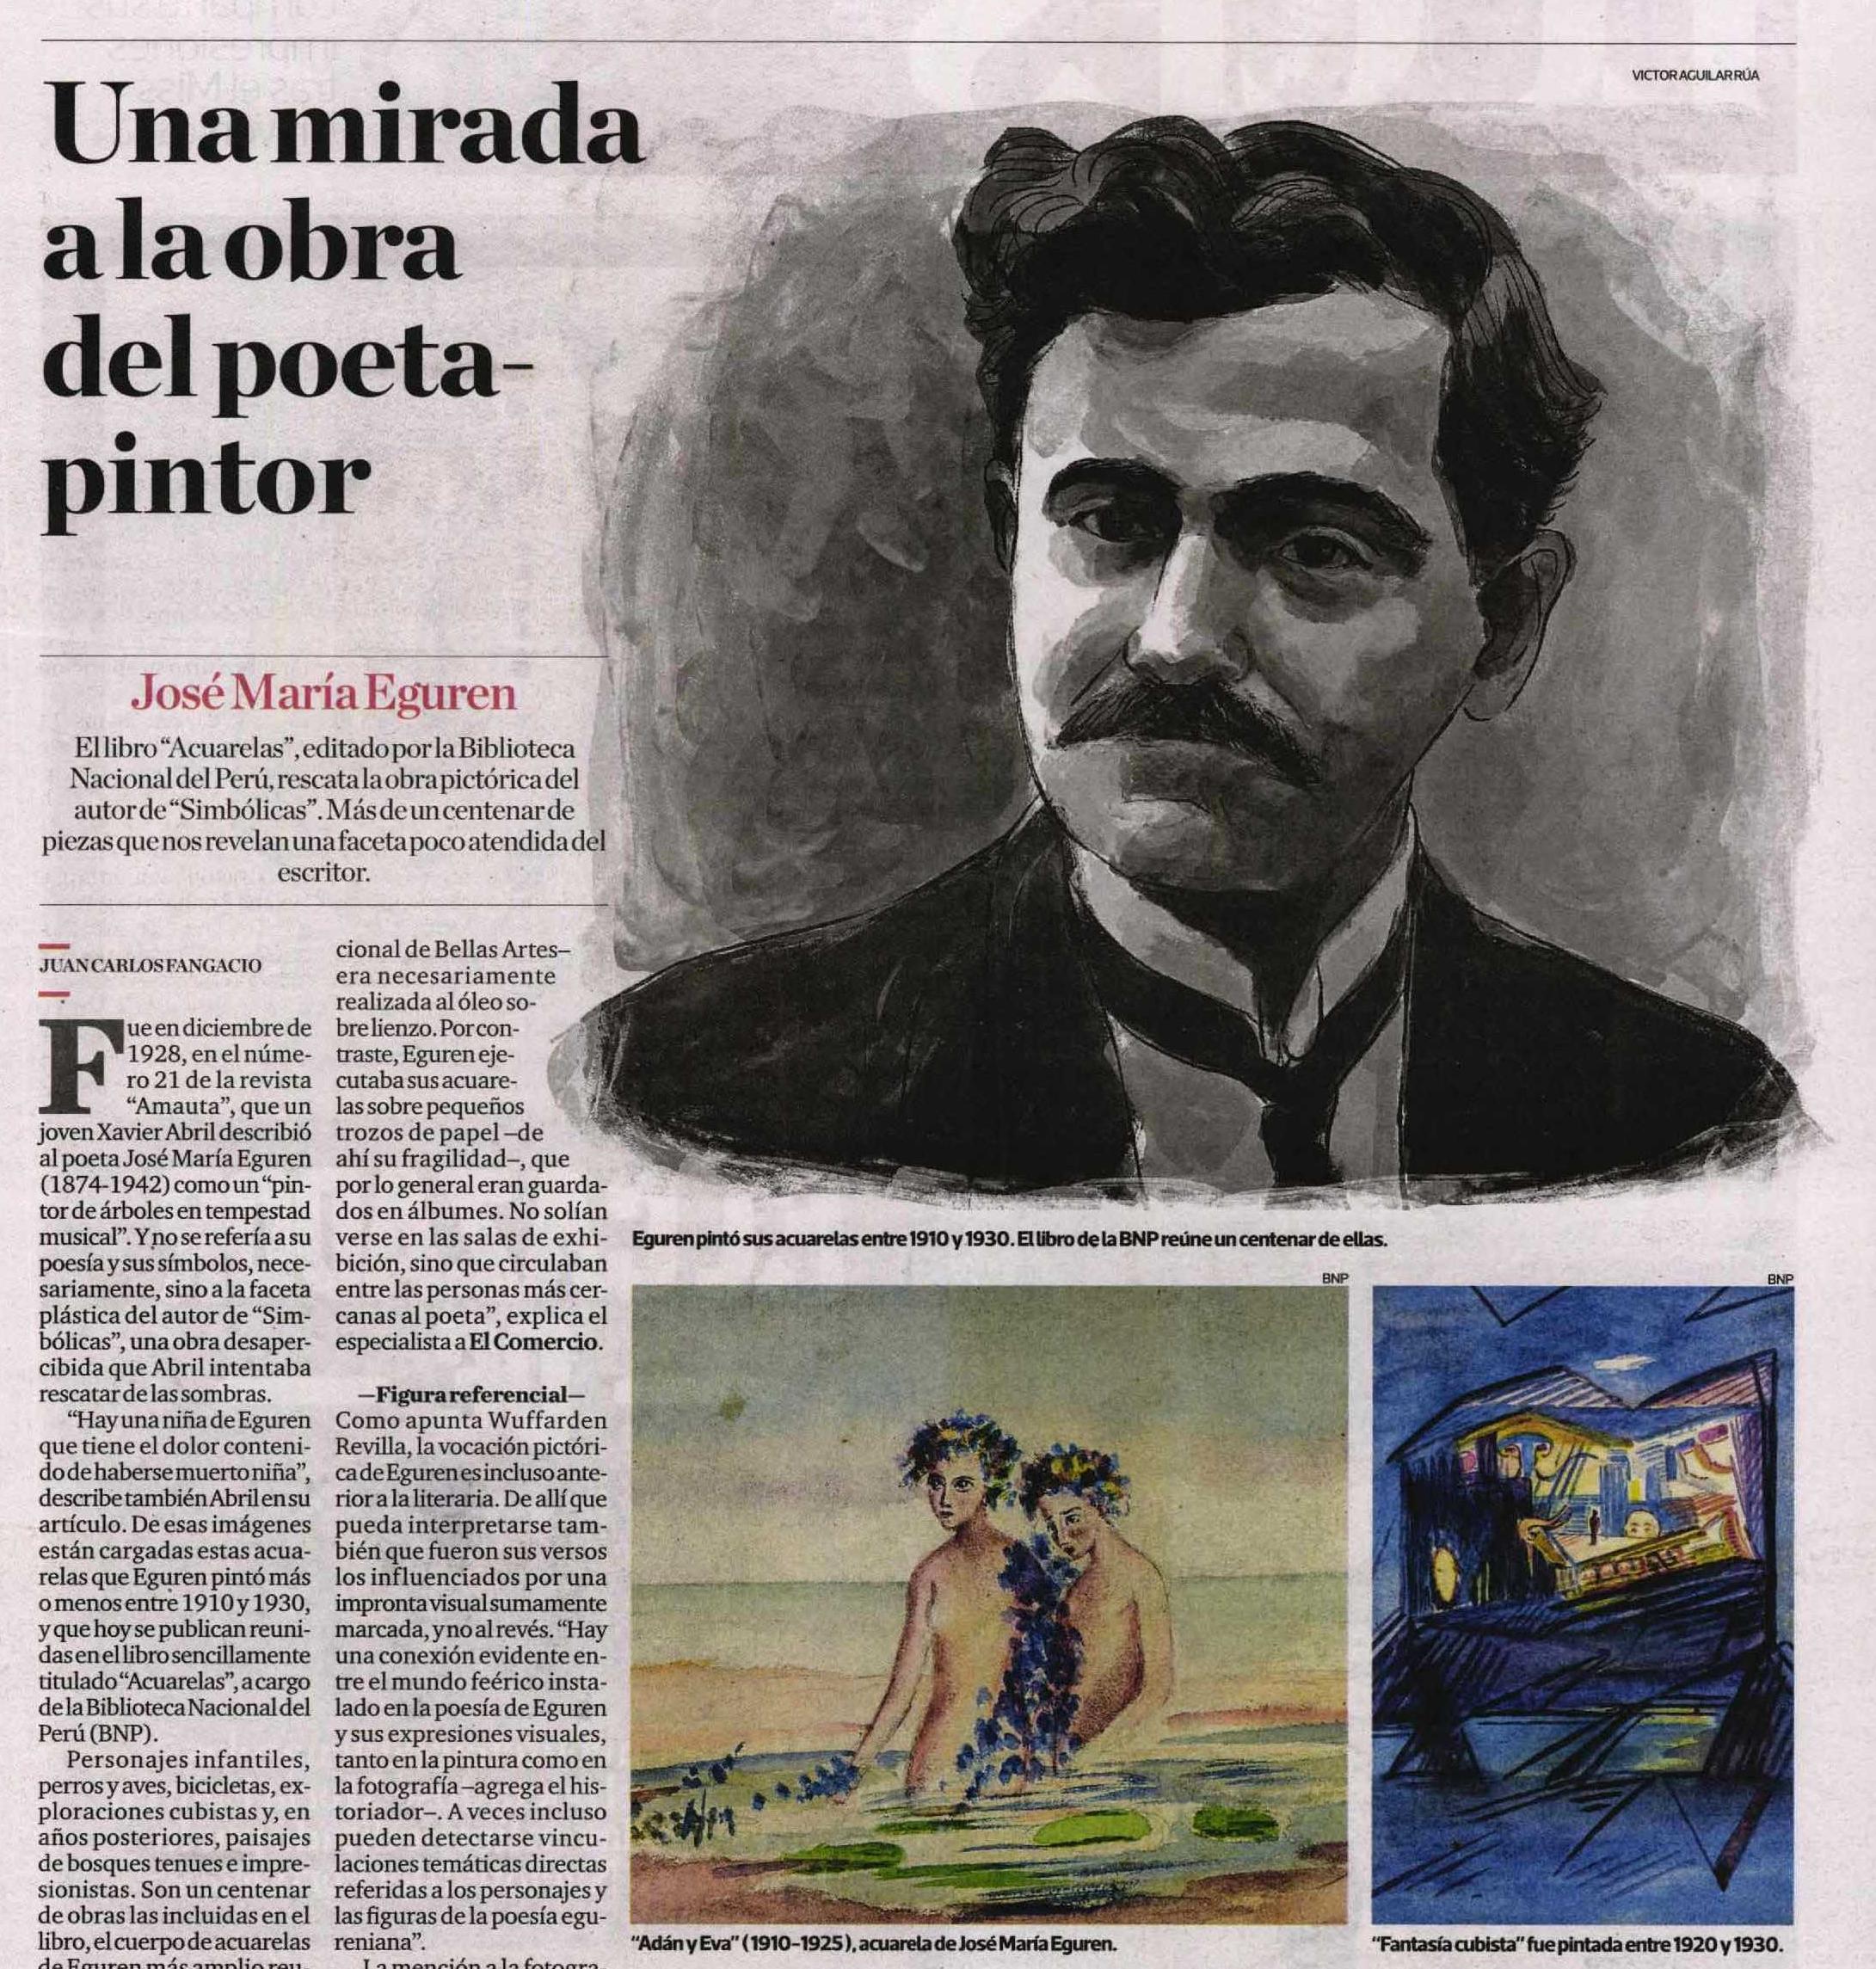 Publicación realizada en el diario El Comercio el 19 de mayo del 2021.